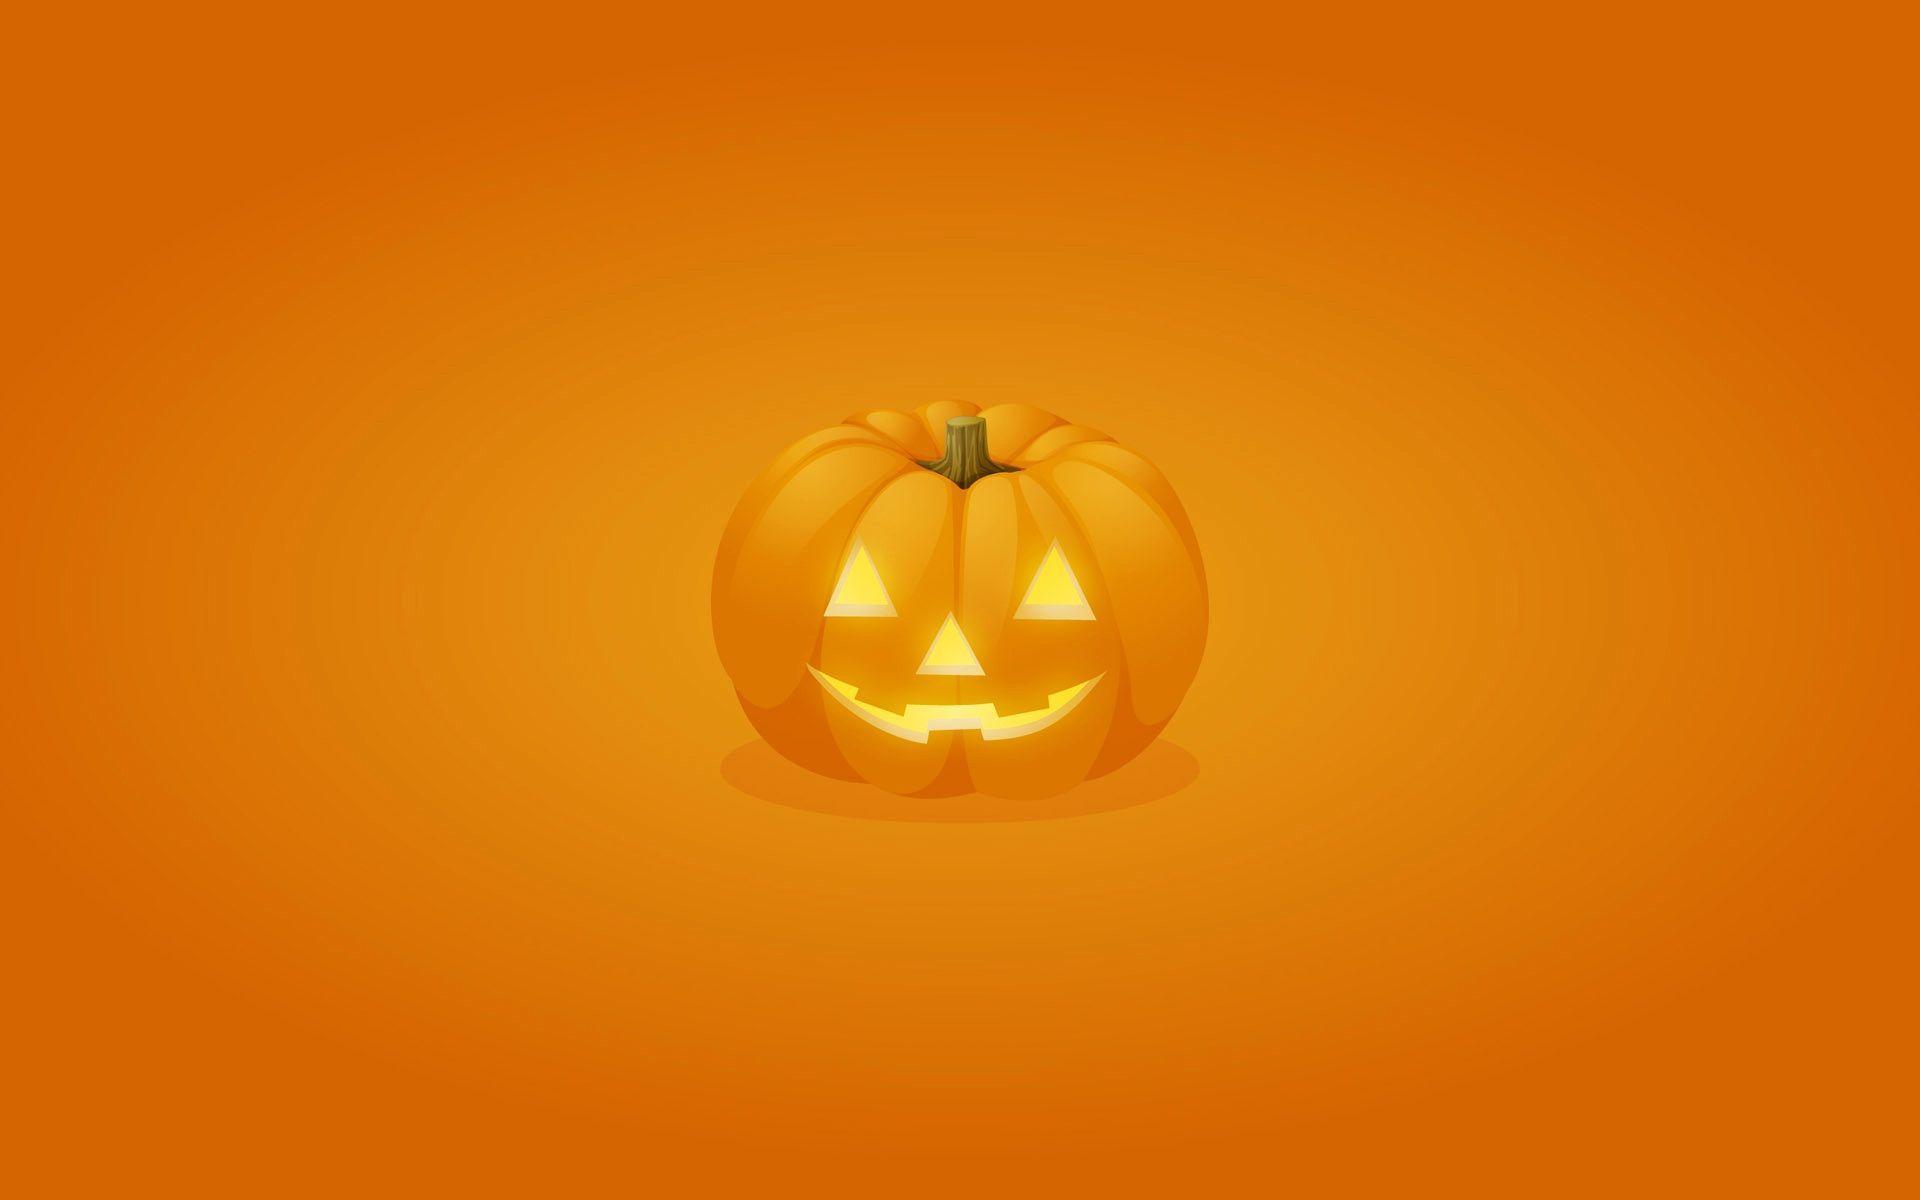 خلفيات بوربوينت بجودة عالية Powerpoint Wallpaper Hd Tecnologis Pumpkin Wallpaper